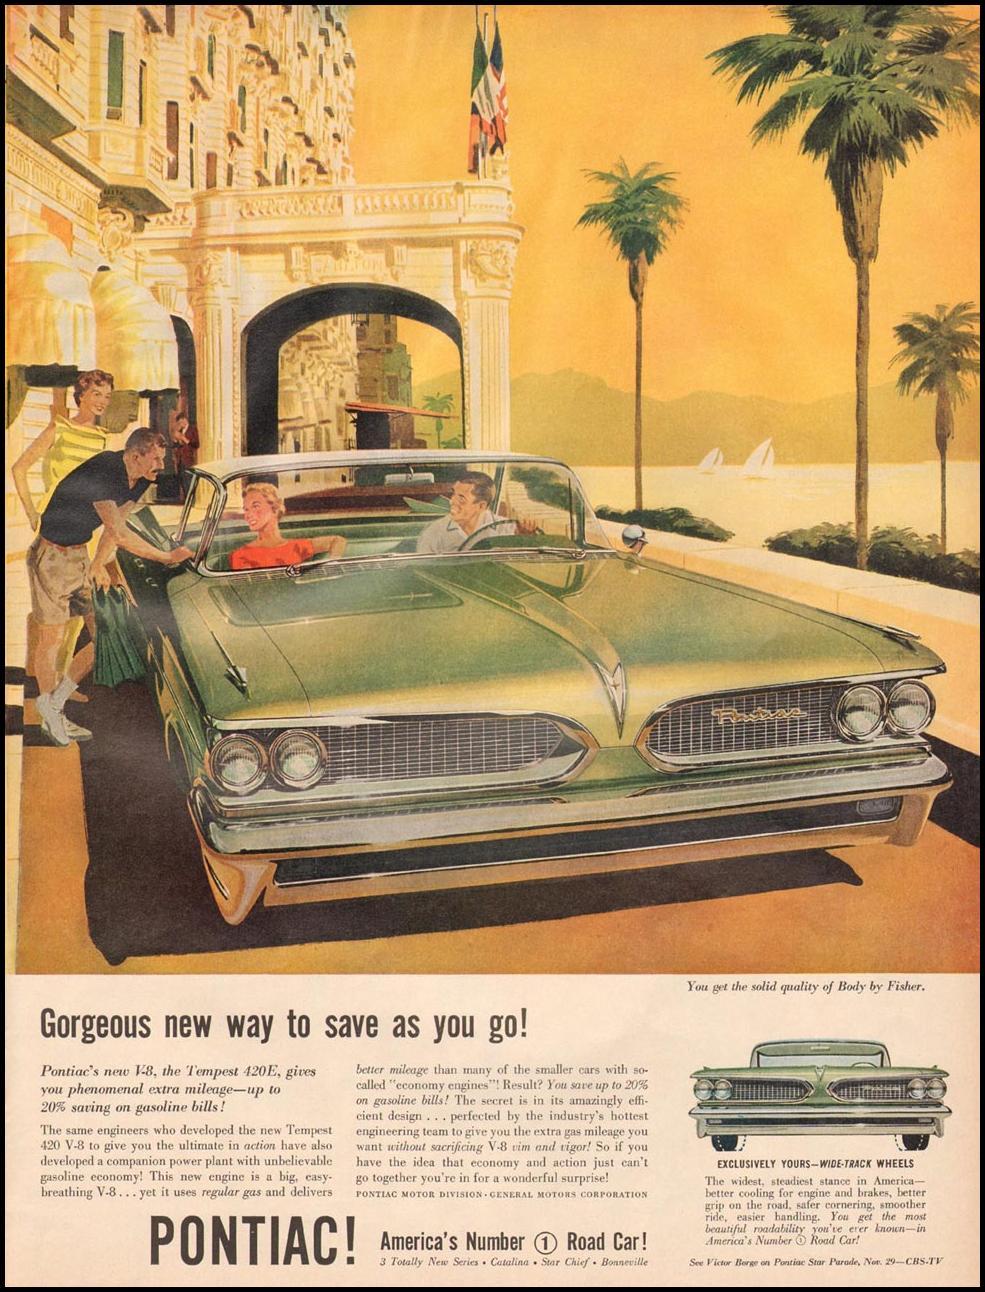 PONTIAC AUTOMOBILES LIFE 11/24/1958